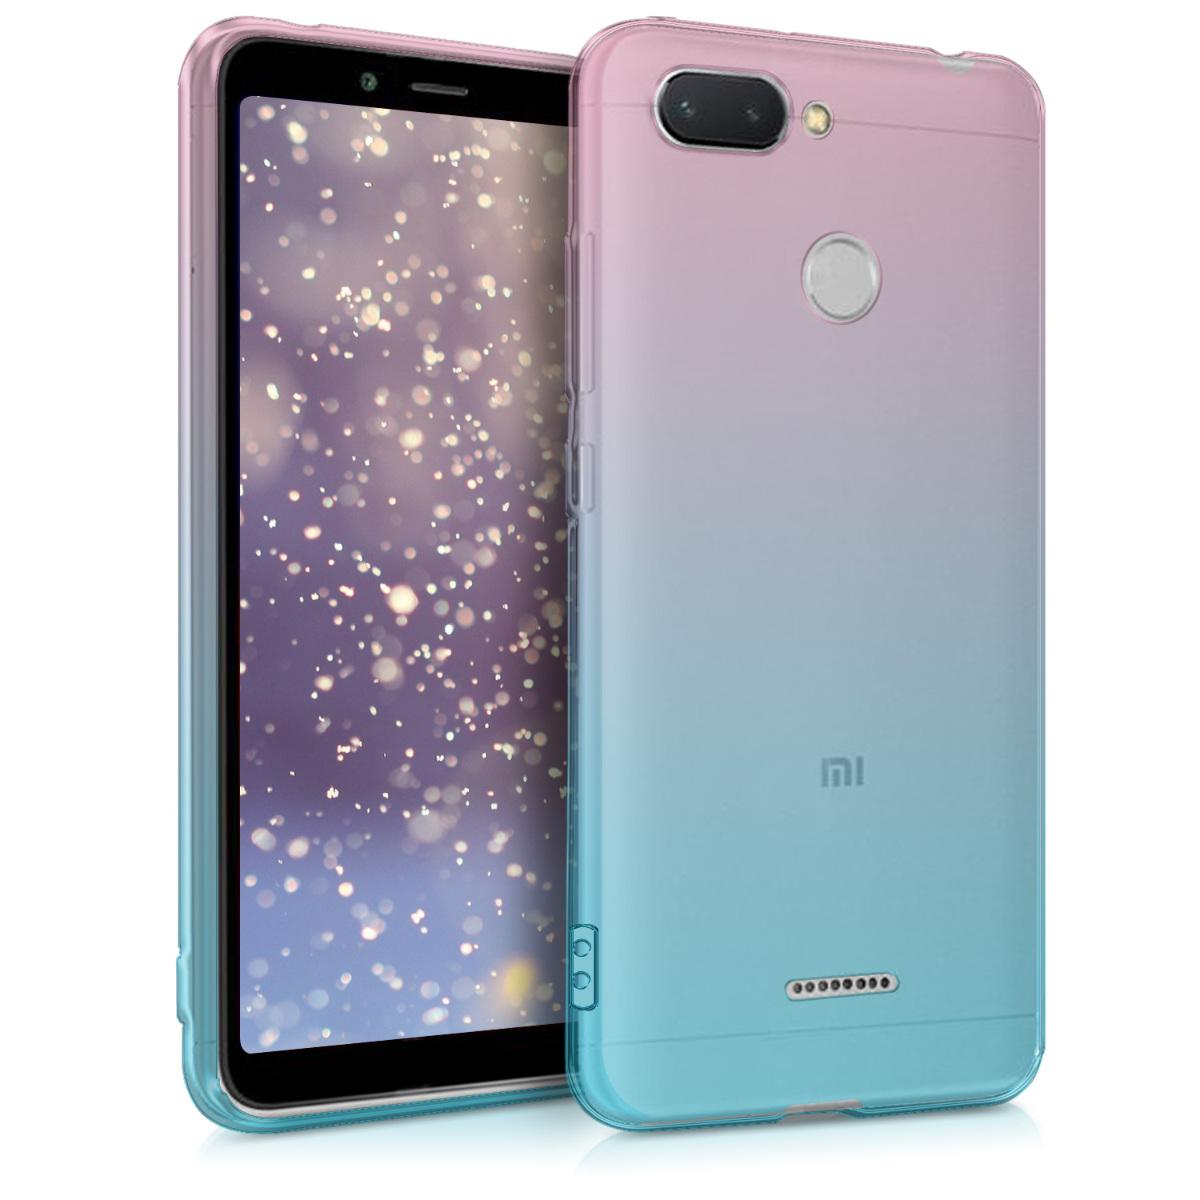 KW Θήκη Σιλικόνης Ημιδιάφανη Xiaomi Redmi 6 - Dark Pink Blue Transparent (46740.01)